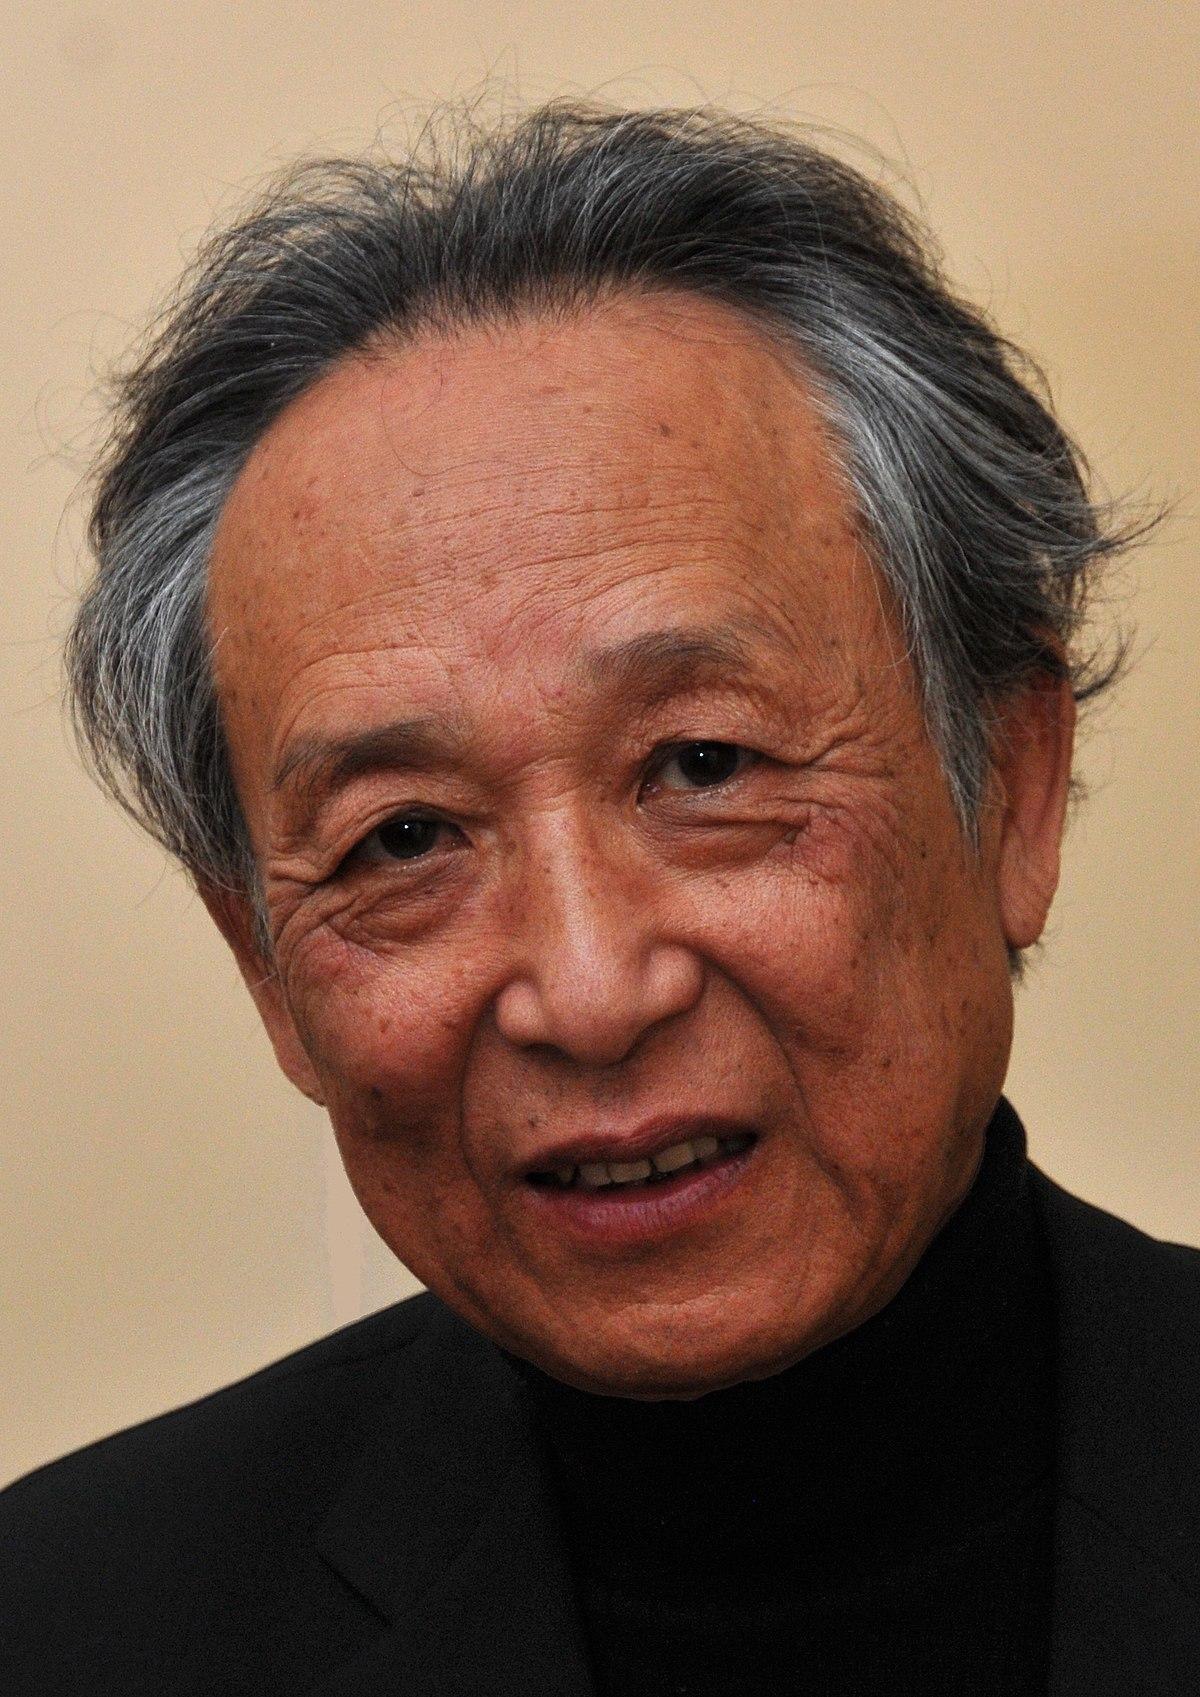 Gao Xingjian <br> Dialogue & Rebuttal